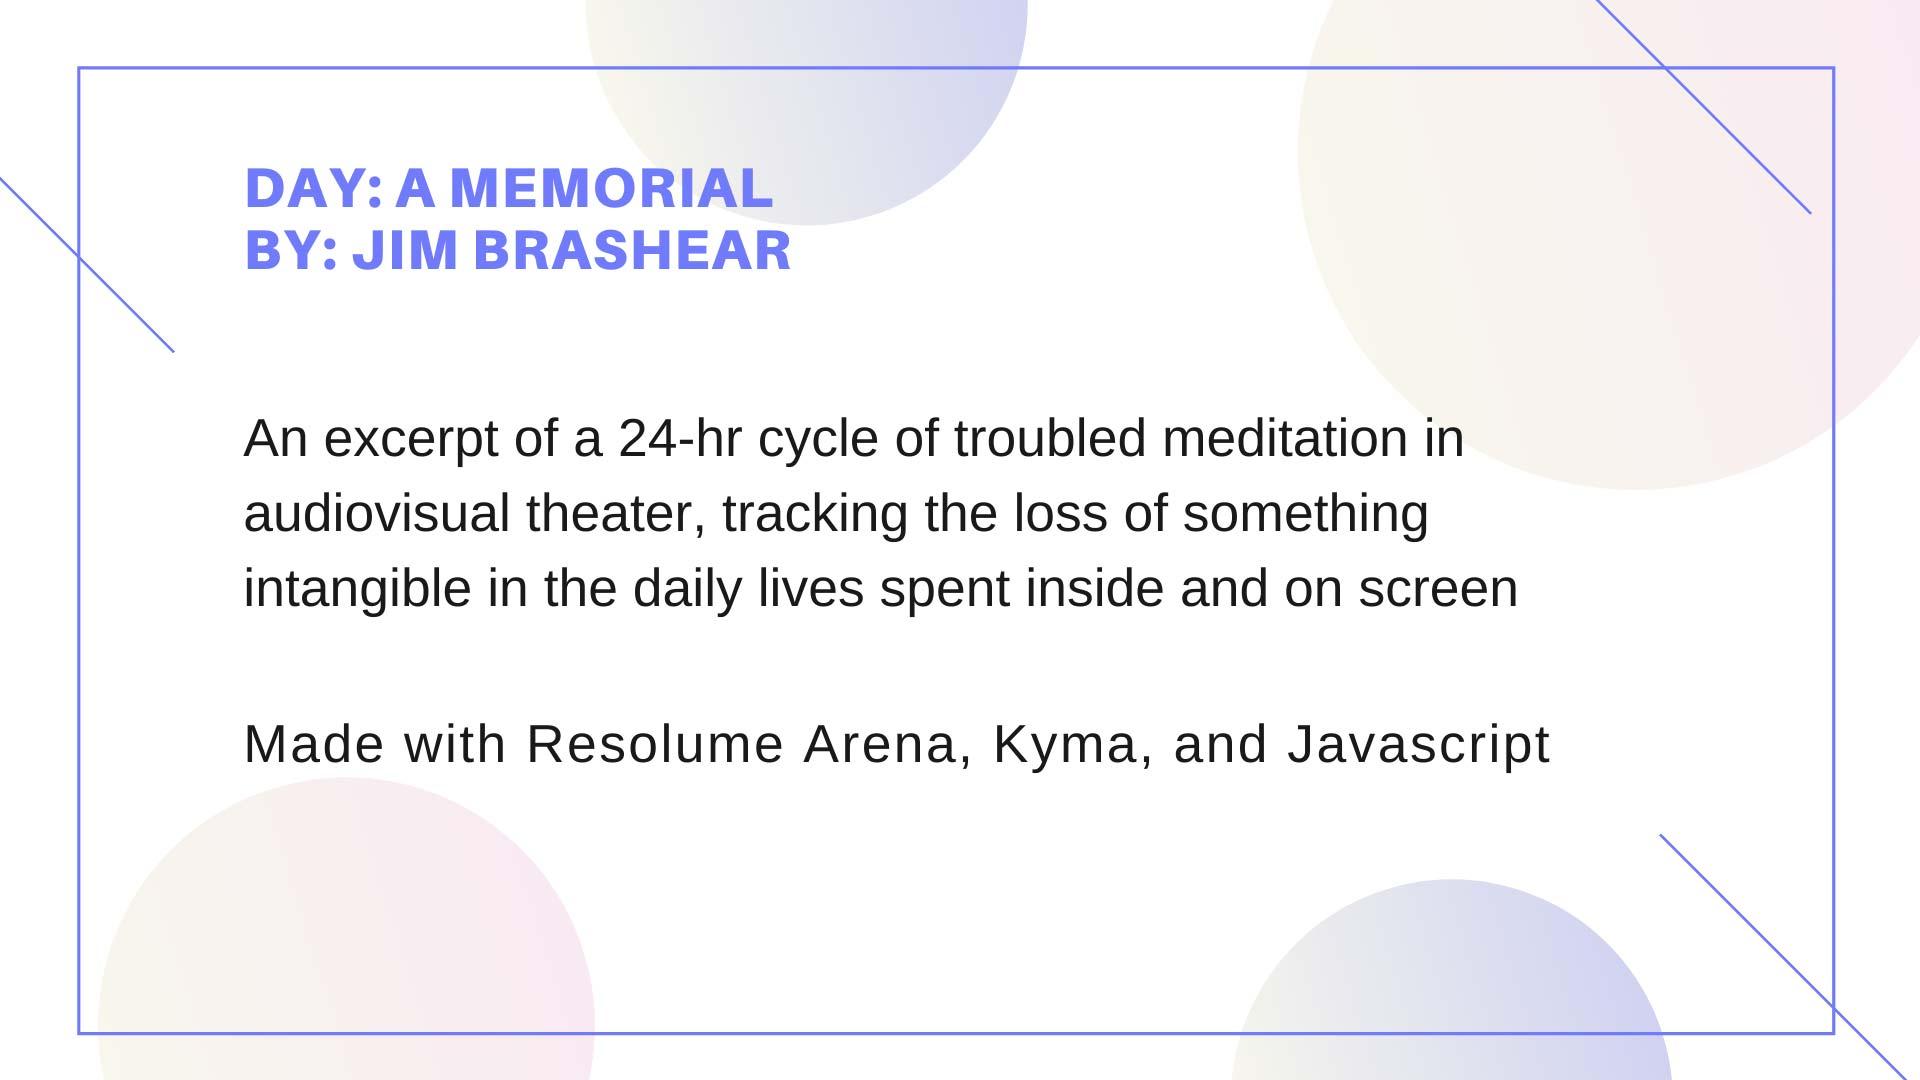 Day: A Memorial